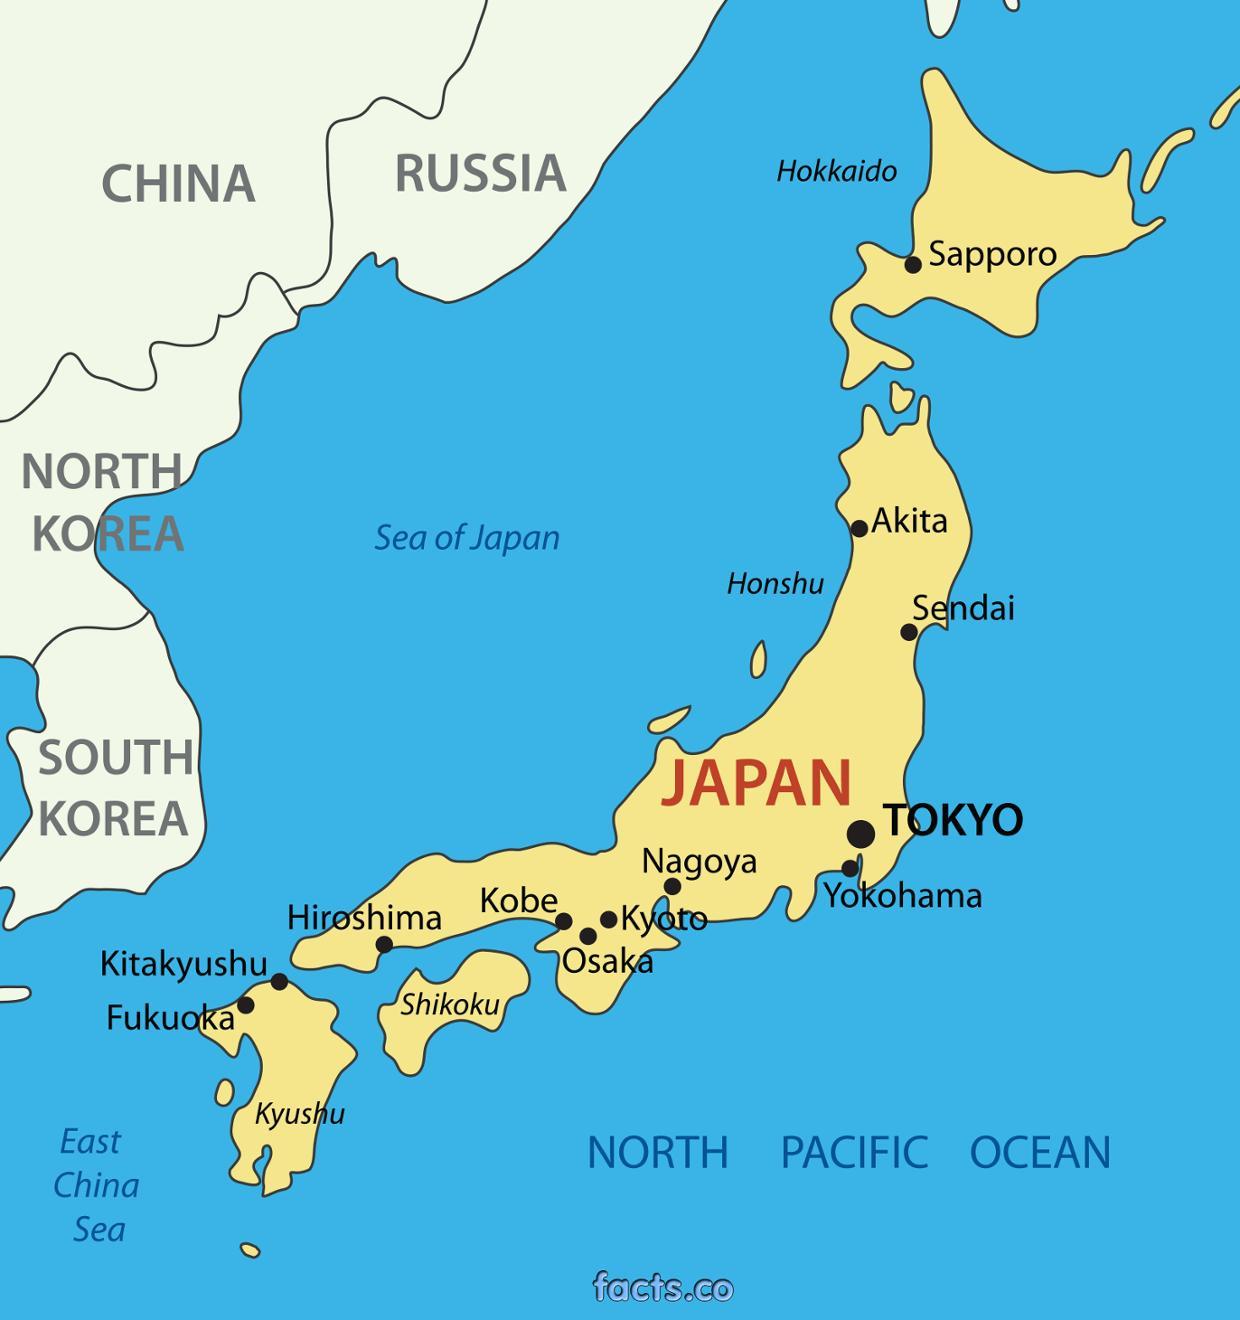 Tokyo emplacement de la carte - la carte de Tokyo emplacement (Kantō - Japon)